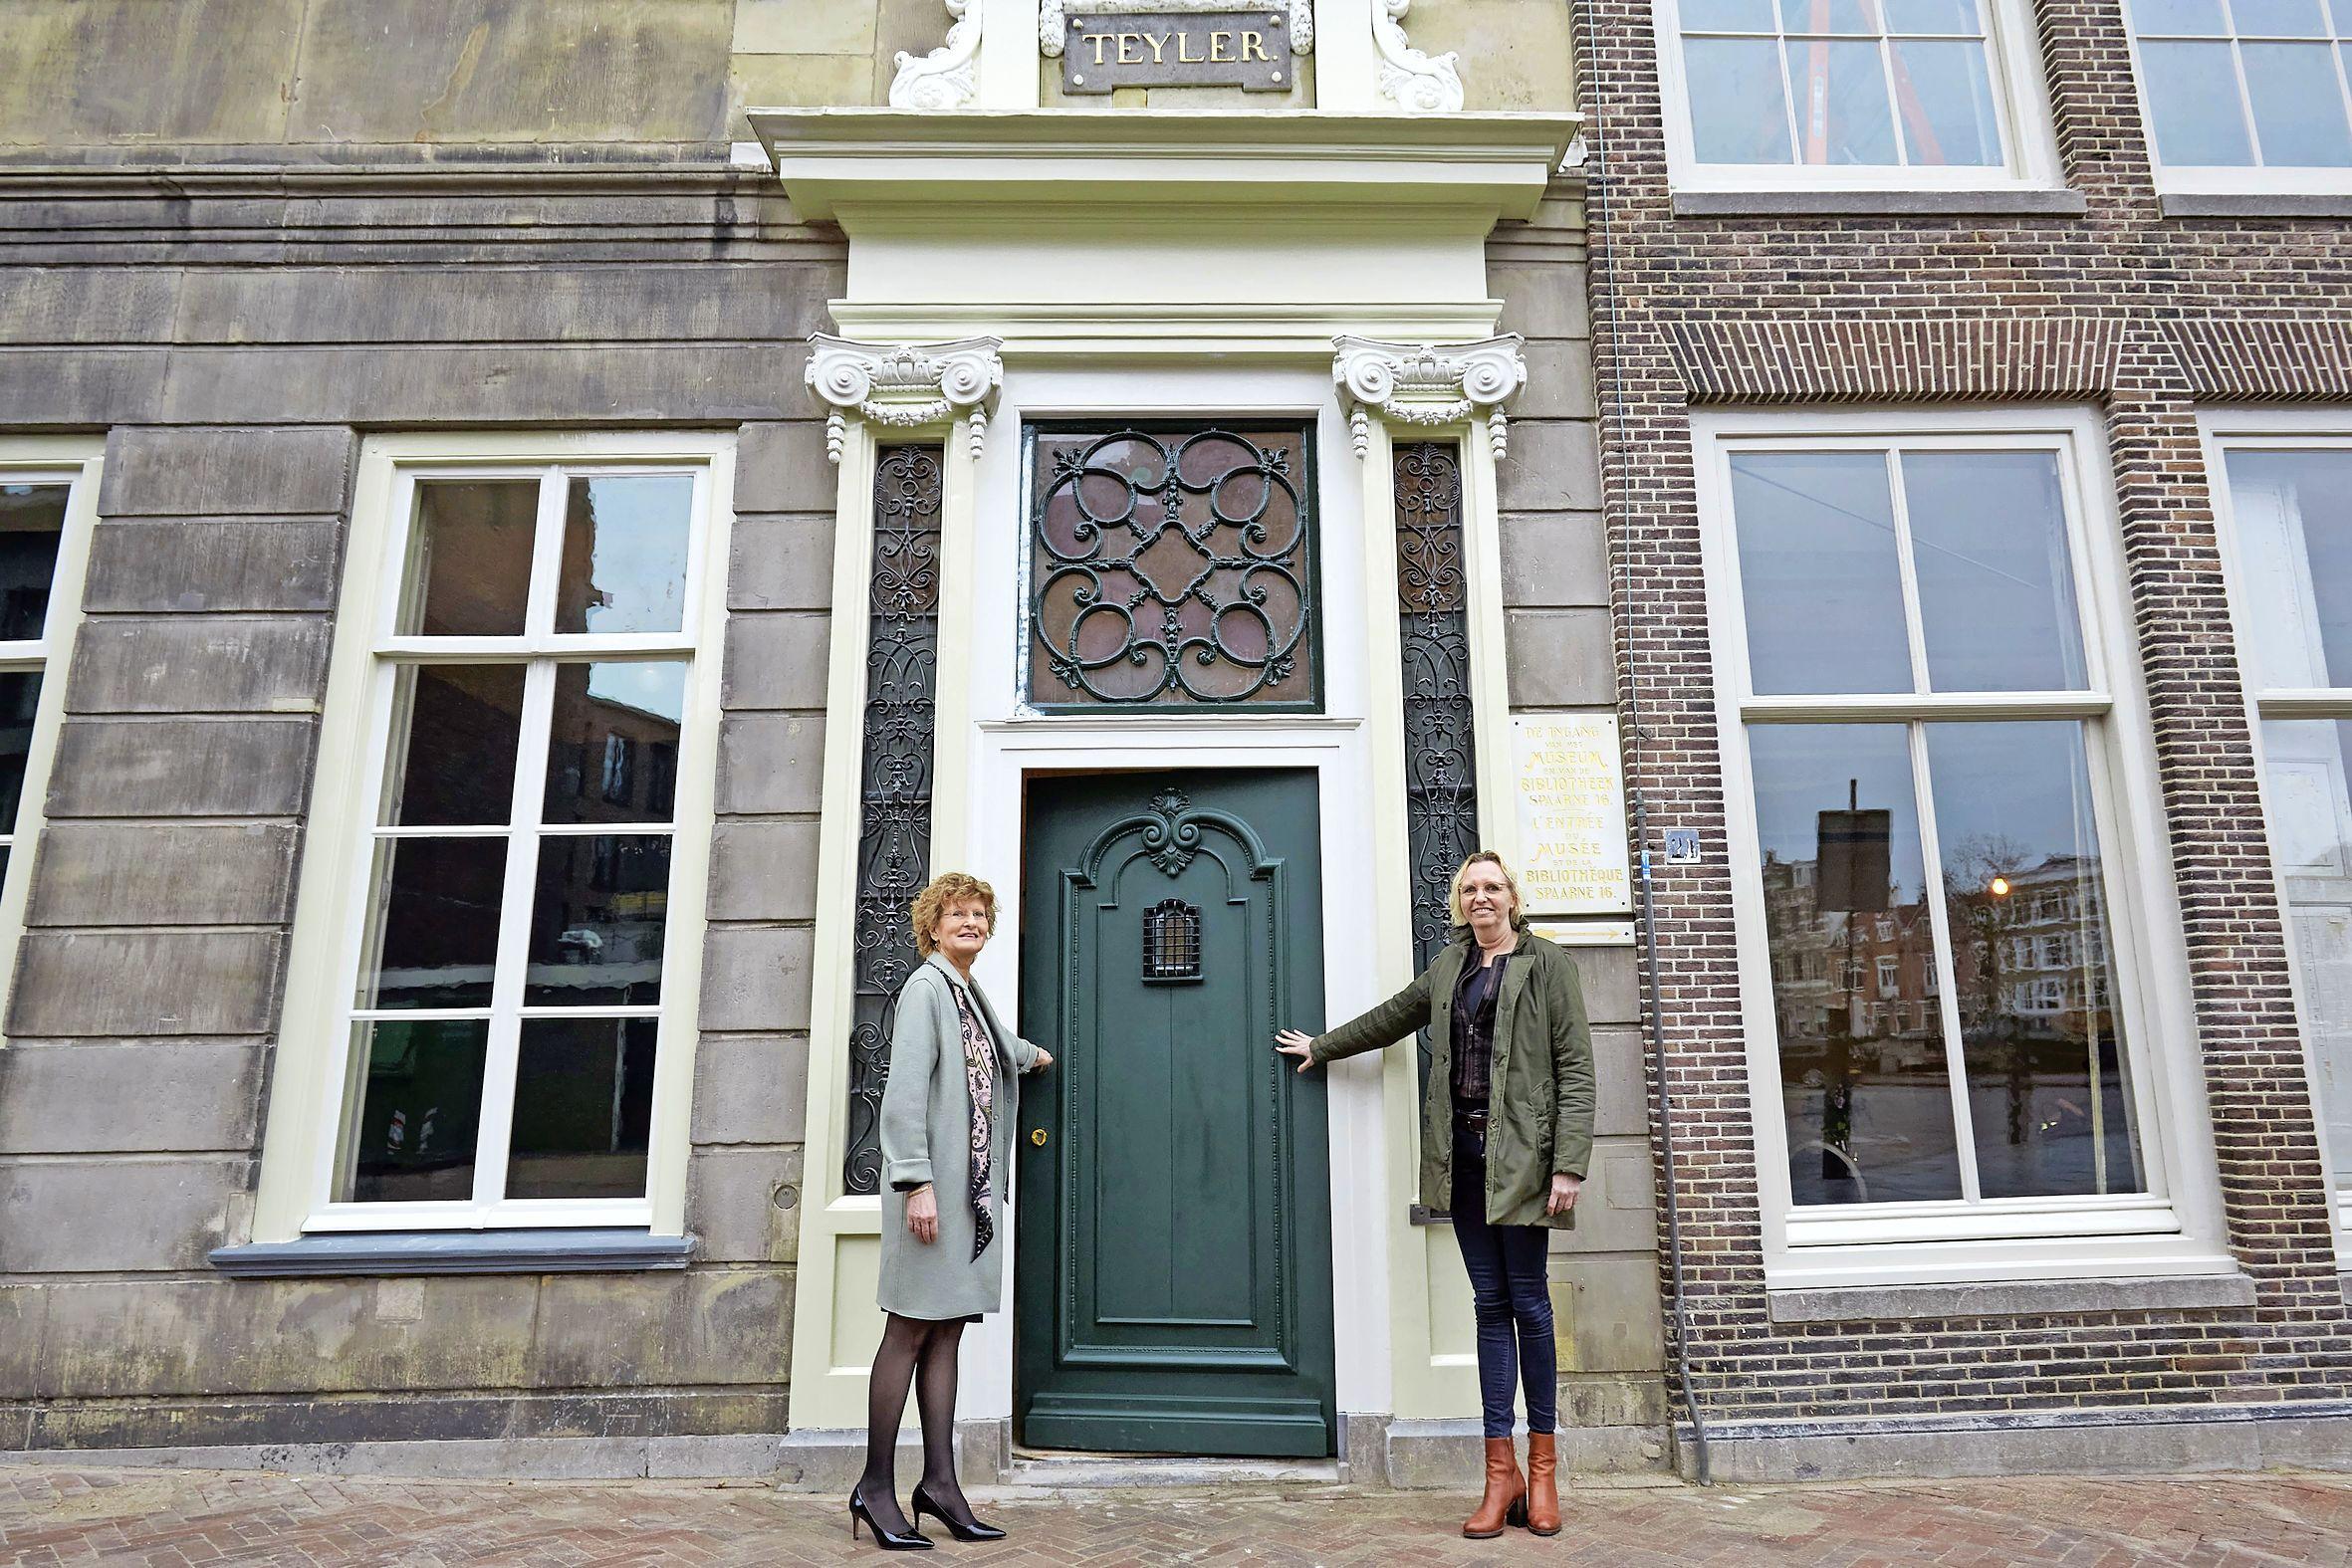 Pieter Teylers Huis in Haarlem overgedragen aan museum, in november open voor publiek